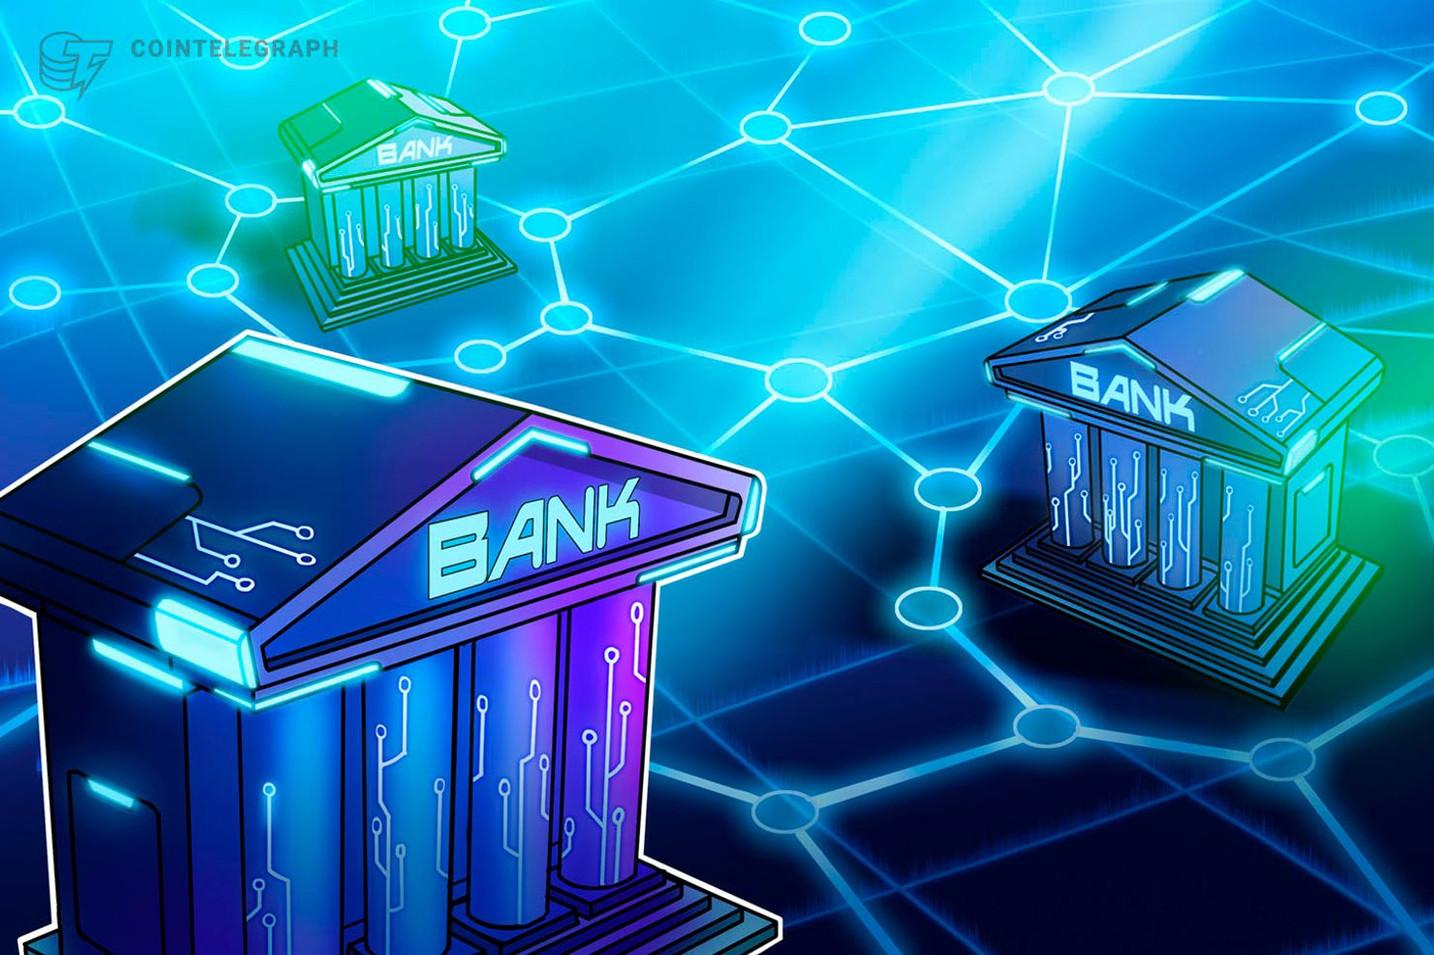 米金融大手シティグループも仮想通貨・ブロックチェーン関連求人